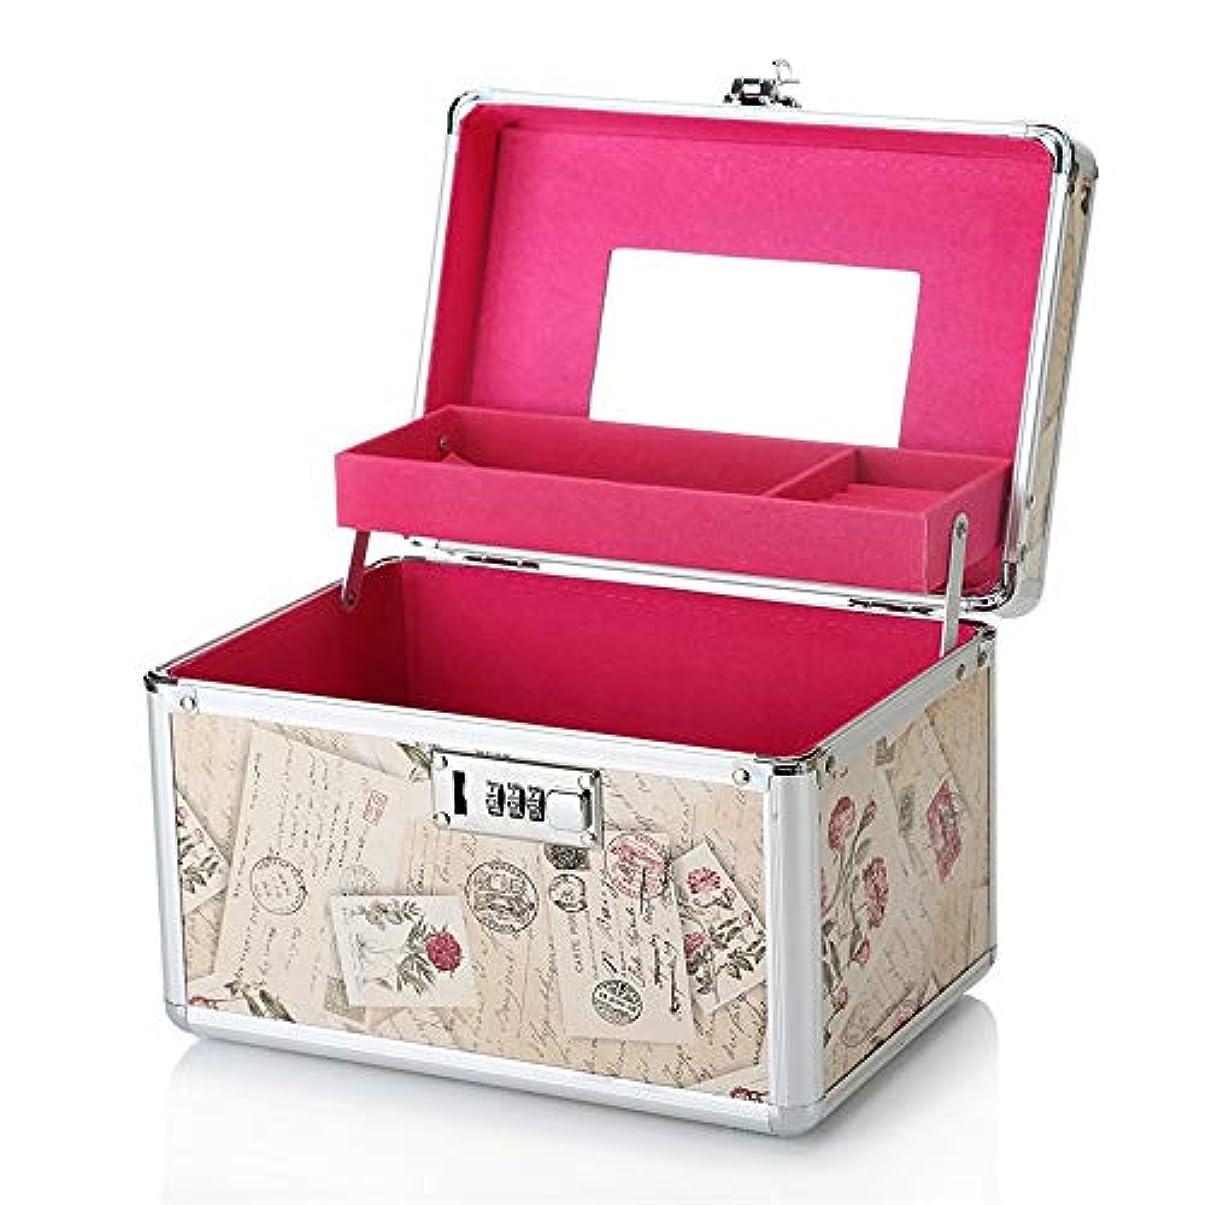 副詞祭り祭り化粧オーガナイザーバッグ 旅行のメイクアップバッグメイク化粧品バッグトイレタリー化粧ケース 化粧品ケース